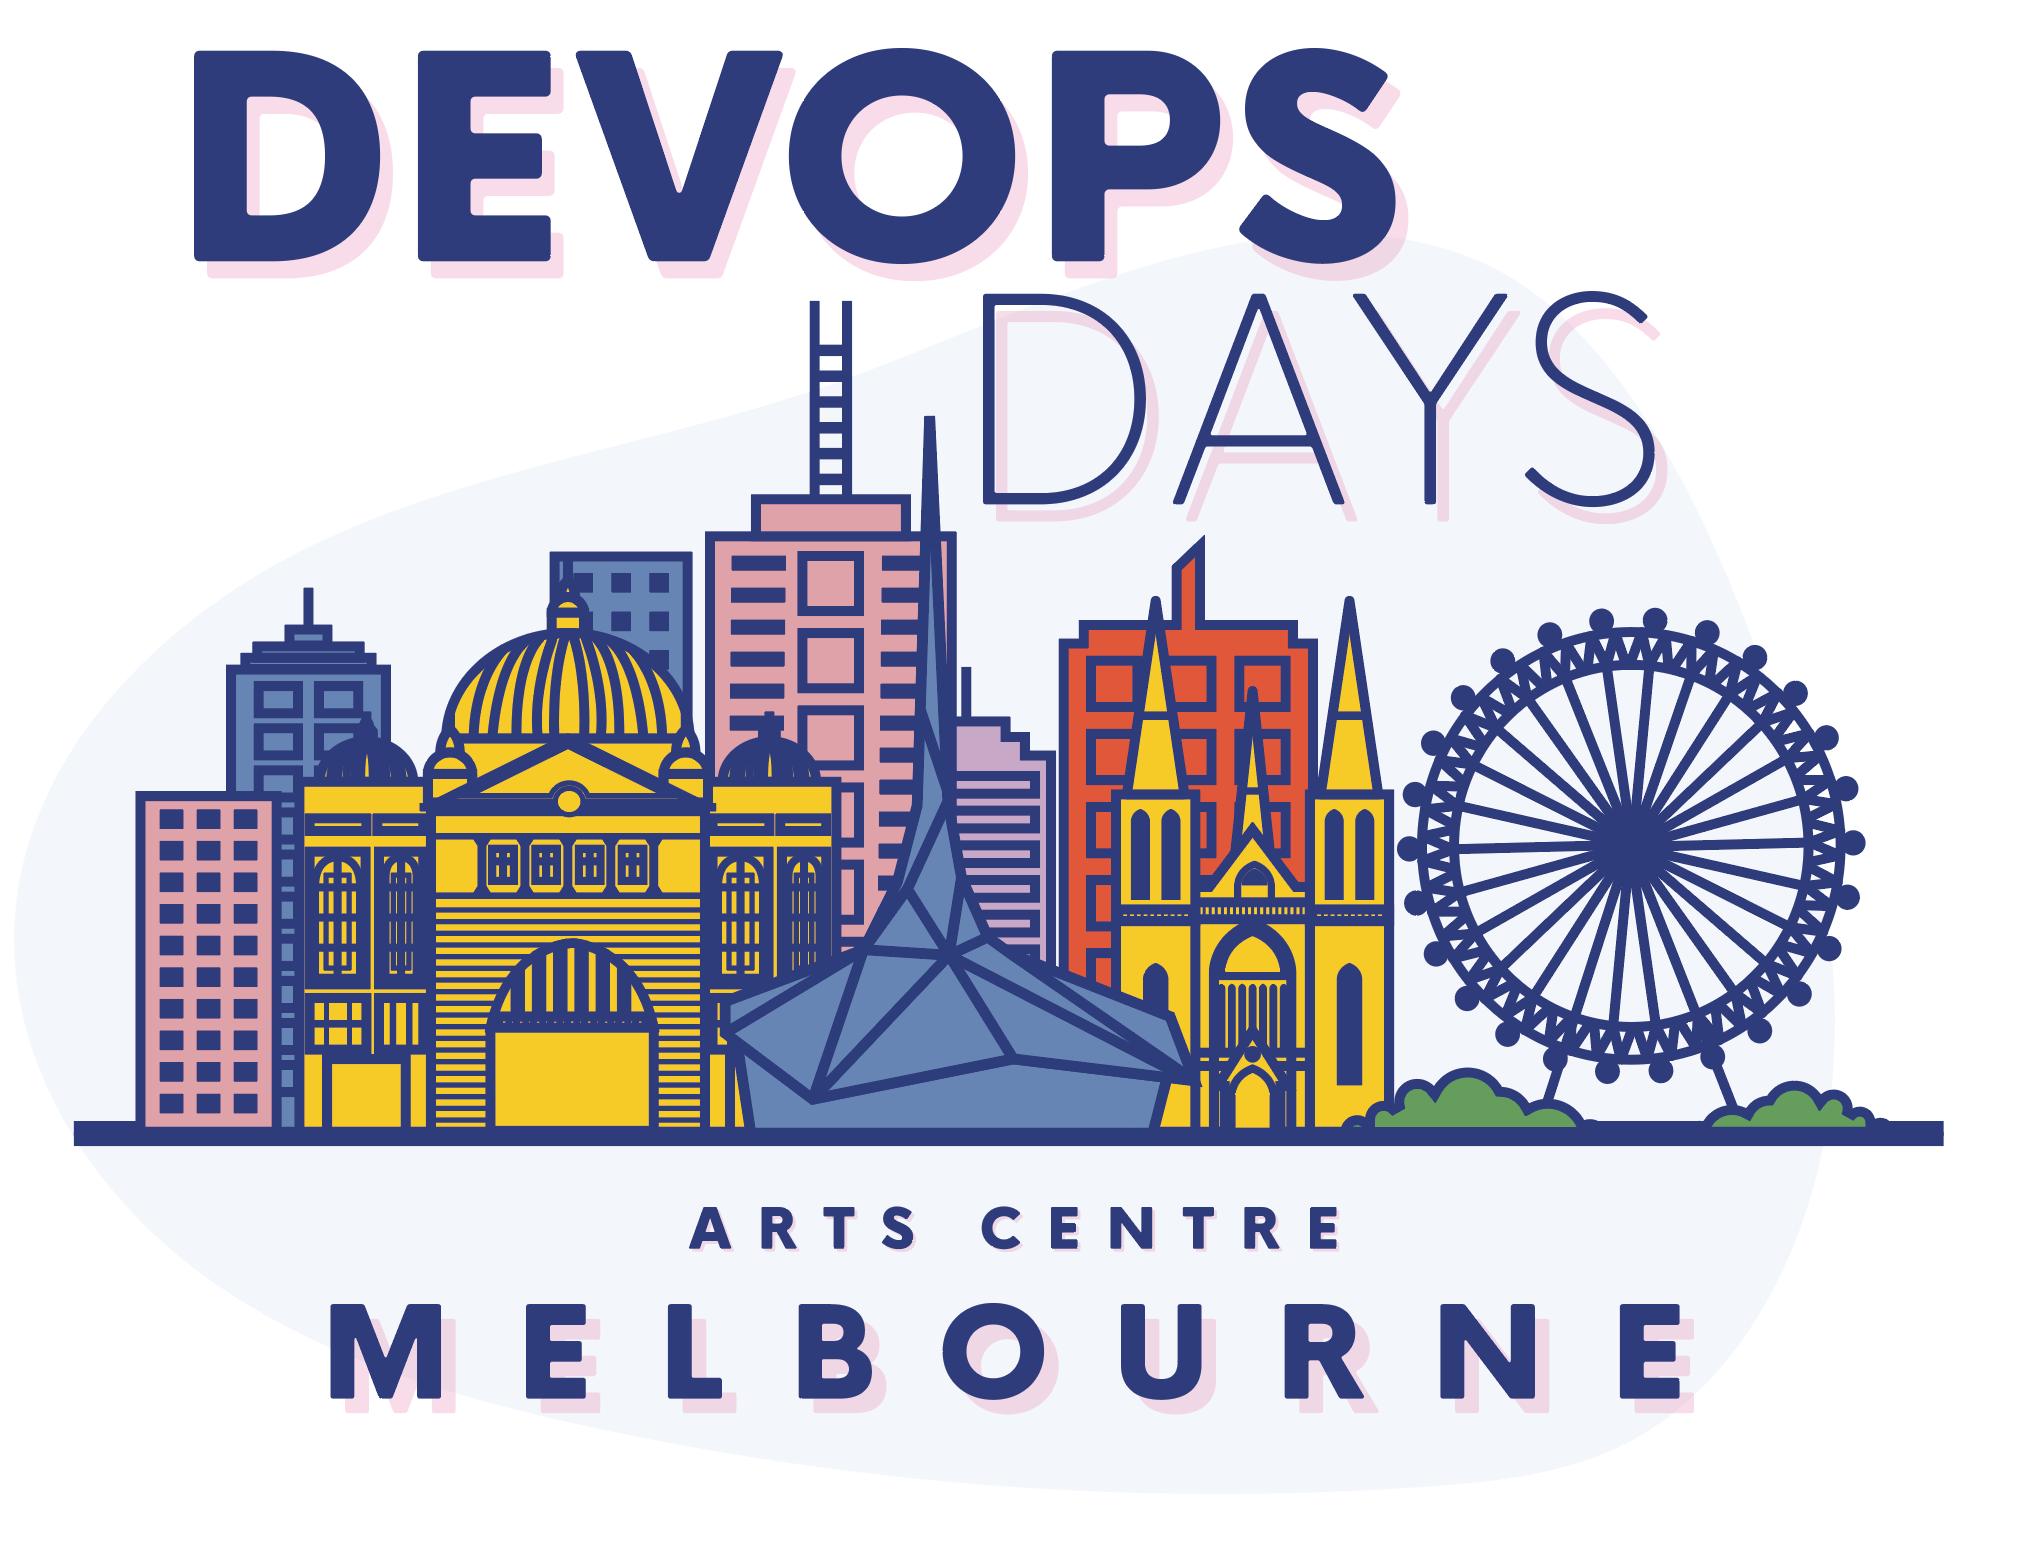 devopsdays Melbourne 2021